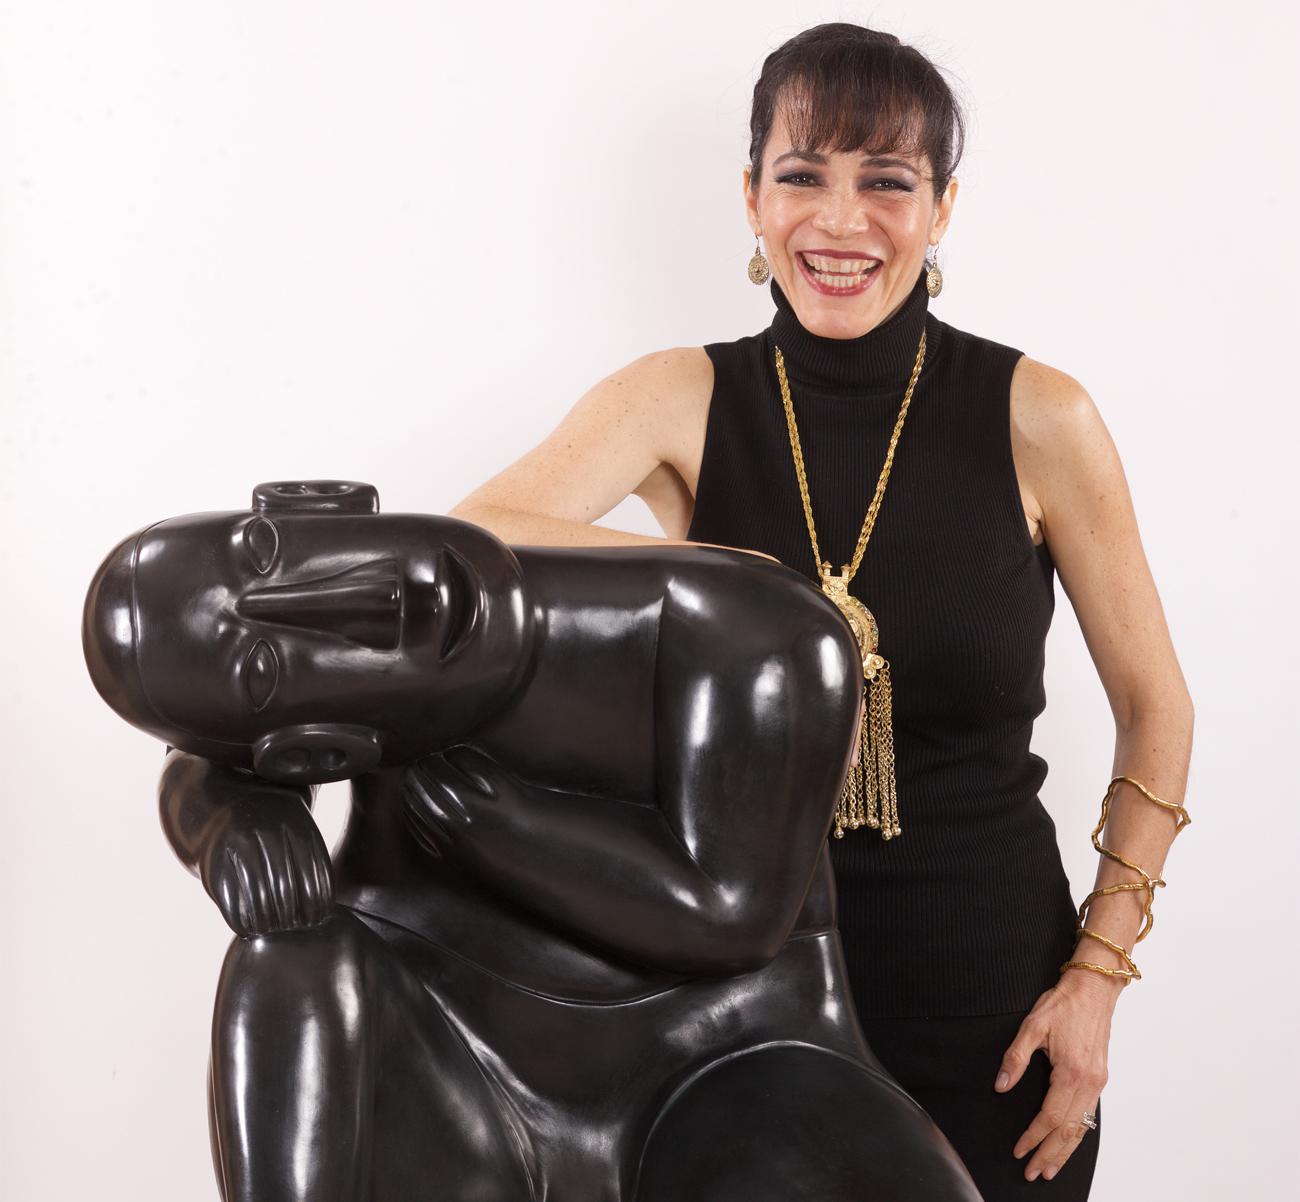 Claudia-Hecht-statue-crop